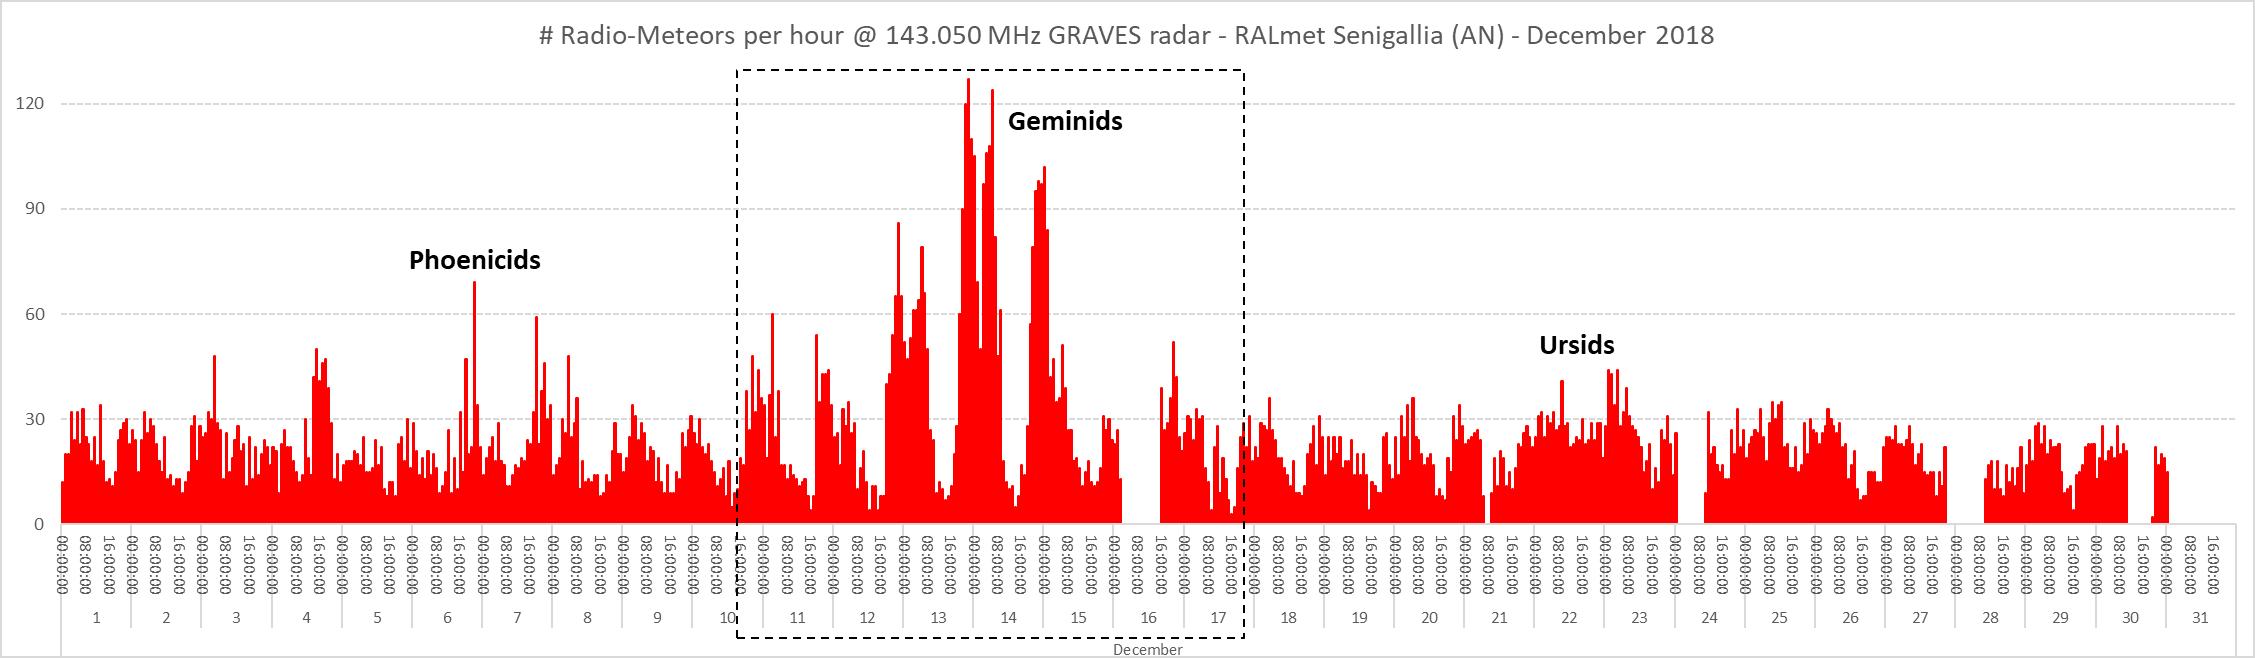 Numero di radio-meteore per ora catturate nel mese di Dicembre 2018.